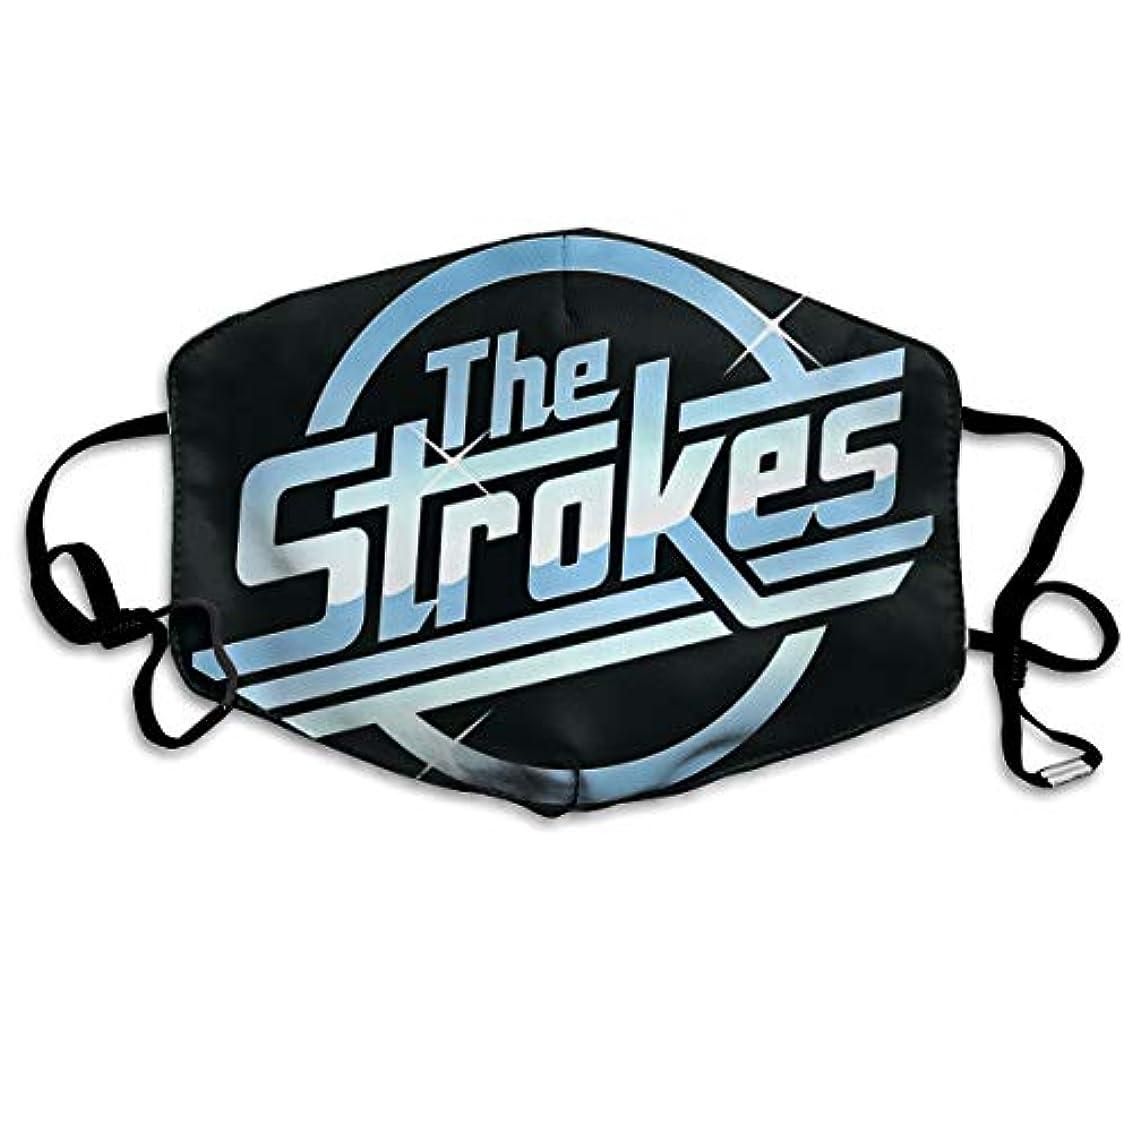 ラグ警報グリースマスク 男のマスク 女性のマスク The Strokes 病気を防ぐ、風邪を予防する、インフルエンザの季節性風邪を予防する、口と鼻を保護する、パーソナライズドマスク